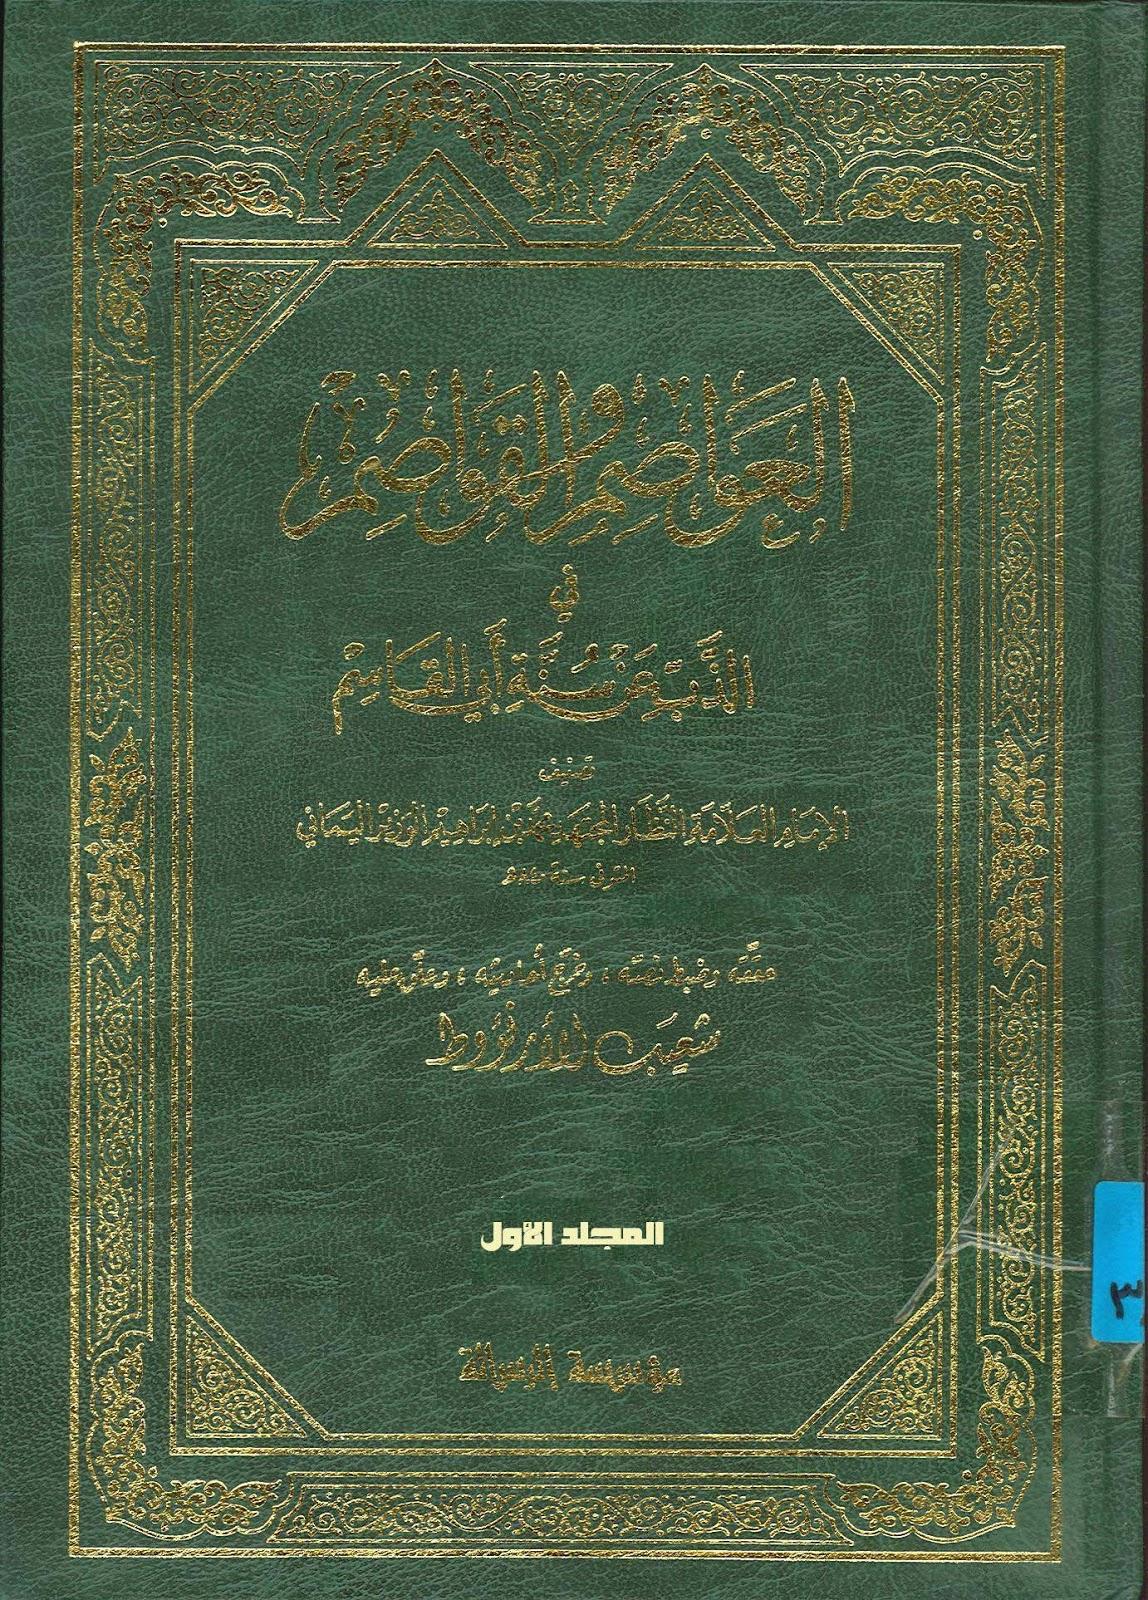 العواصم من القواصم في الذّب عن سنة أبي القاسم - محمد بن ابراهيم الوزير اليماني pdf